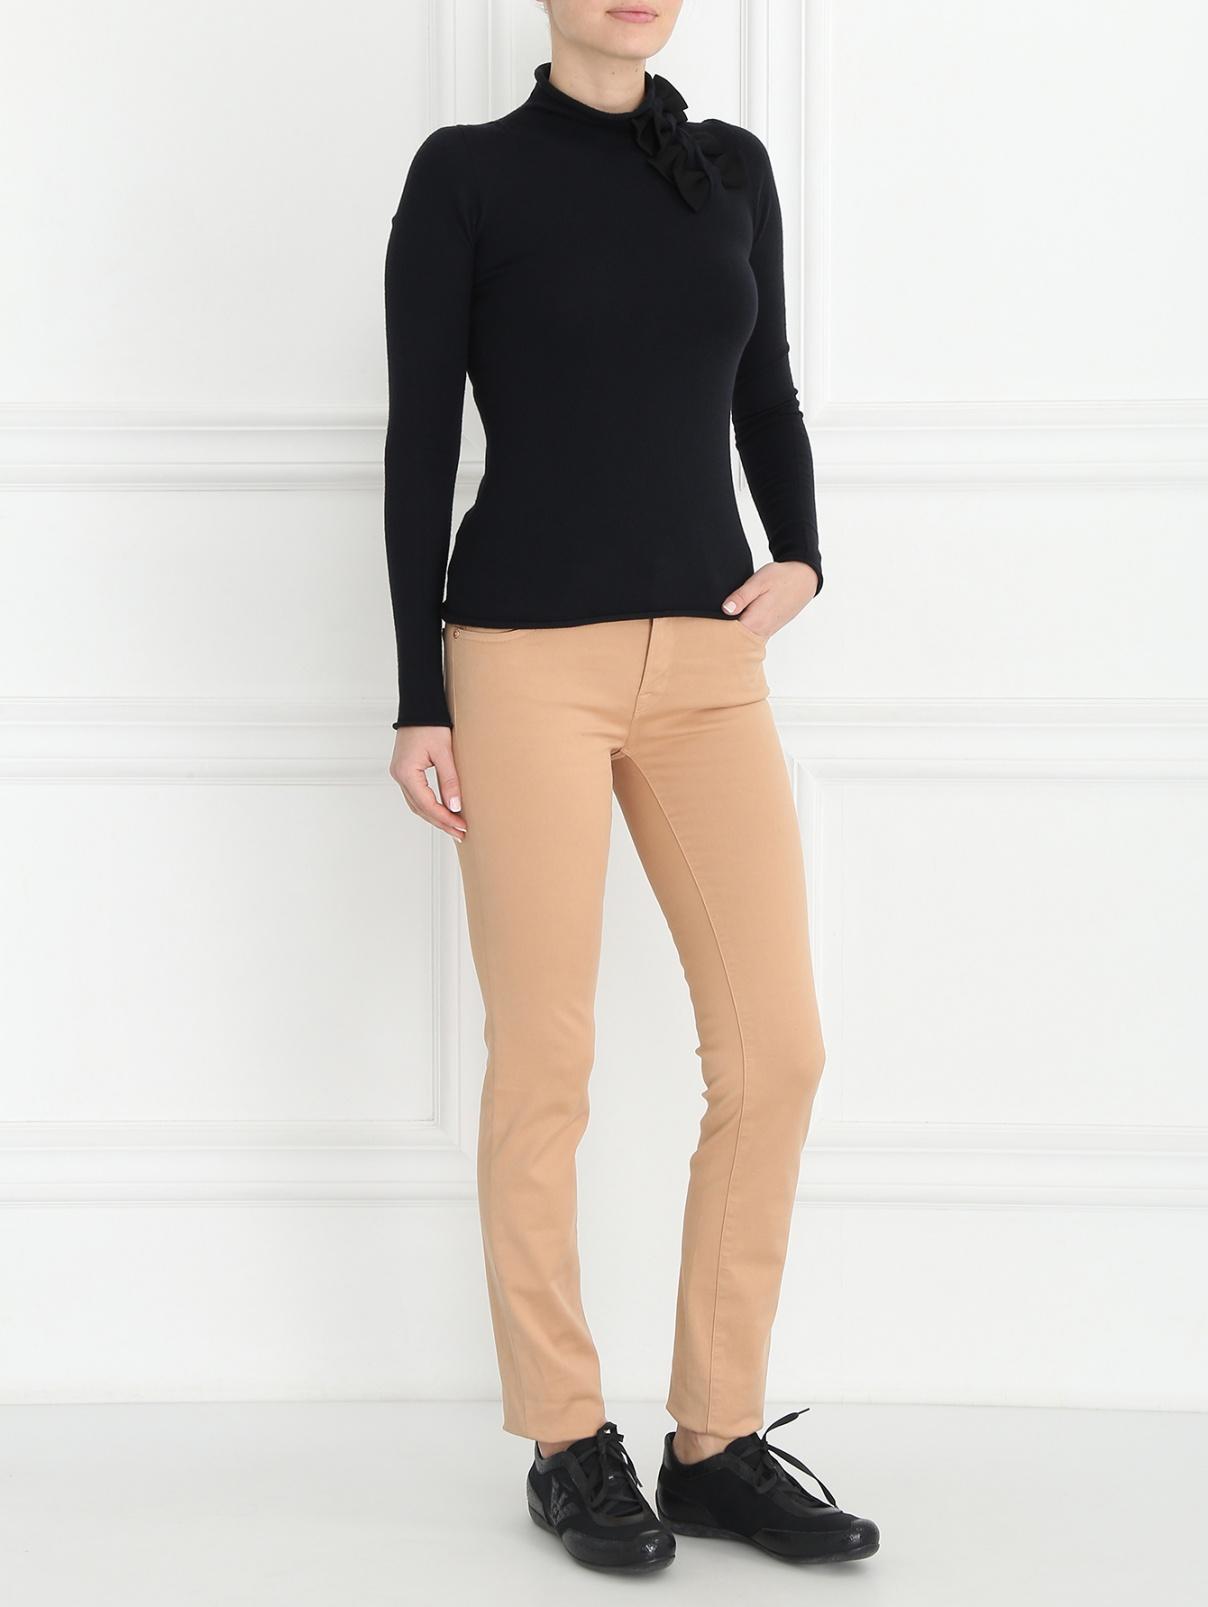 Узкие брюки из хлопка 7 For All Mankind  –  Модель Общий вид  – Цвет:  Бежевый